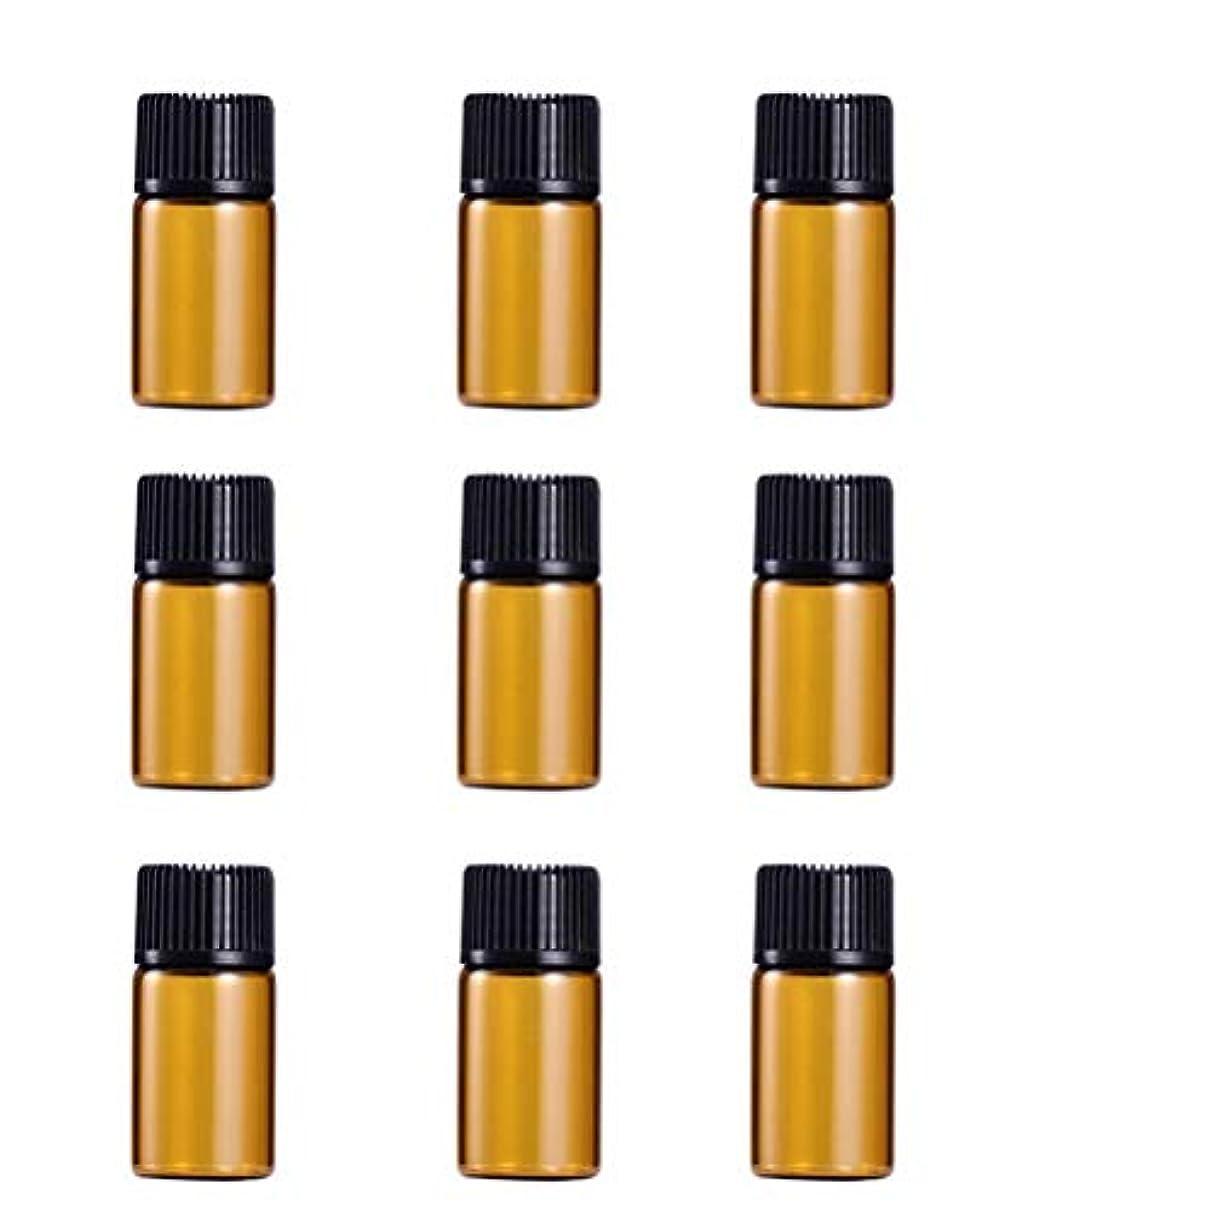 終了しました一般化する取り消すWINOMO 遮光瓶 アロマオイル 精油 小分け用 遮光瓶セット アロマボトル 保存容器 エッセンシャルオイル 香水 保存用 詰替え ガラス 茶色(9個入り 3ml)